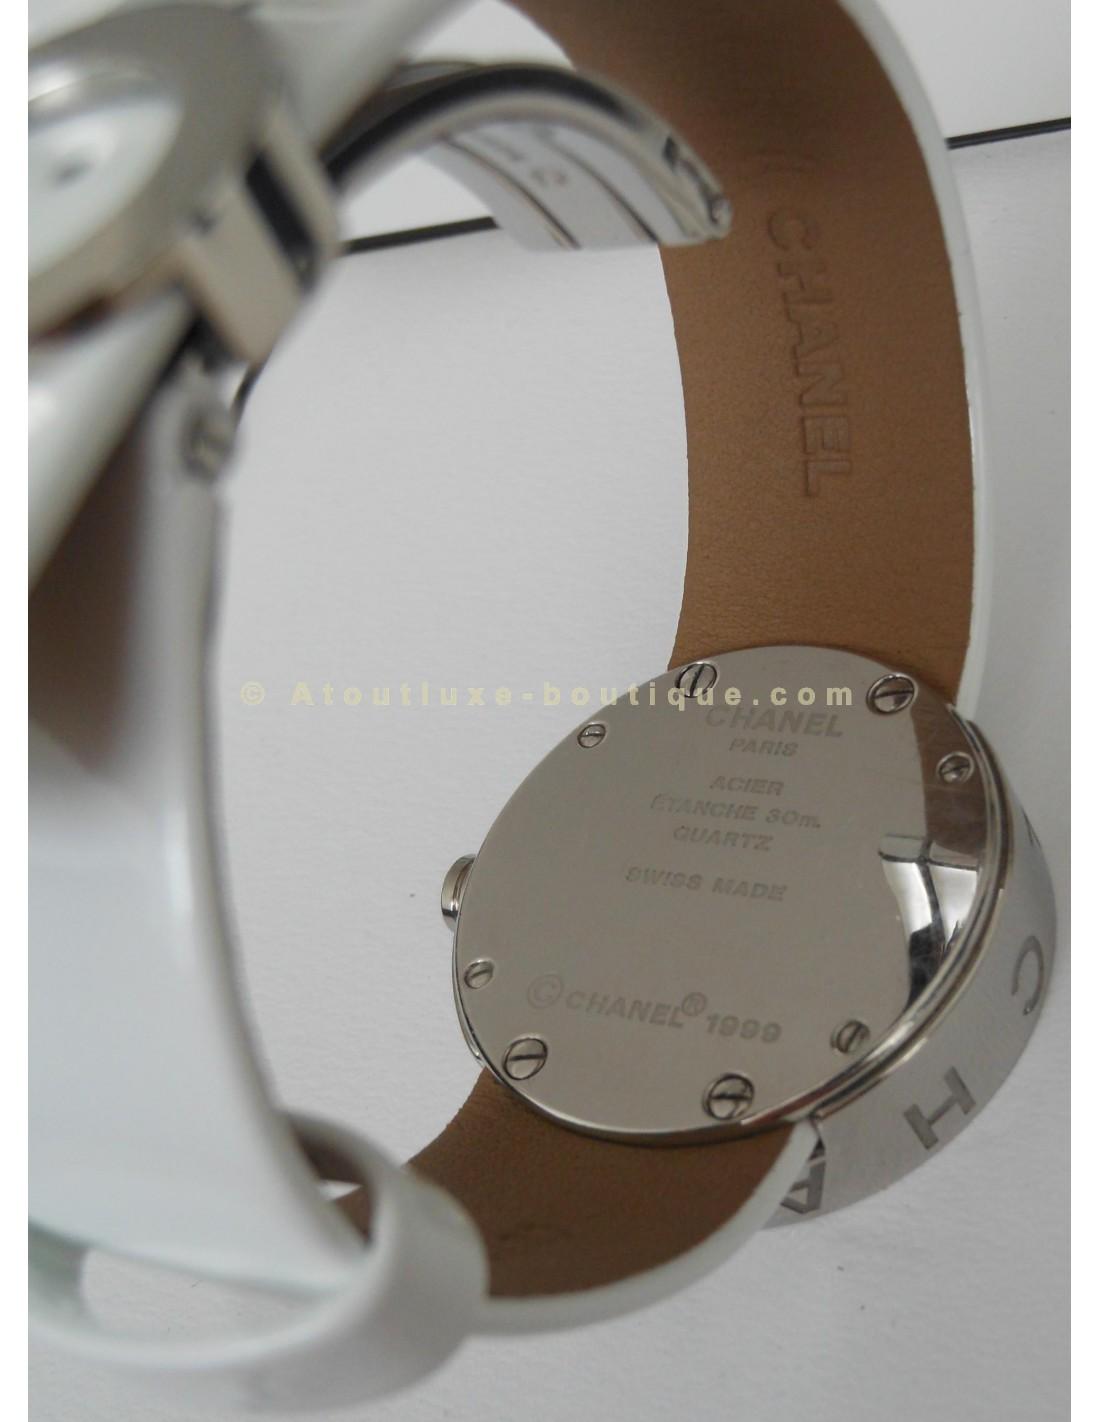 MONTRE CHANEL LA RONDE - Atoutluxe Boutique a8fb5cd97154